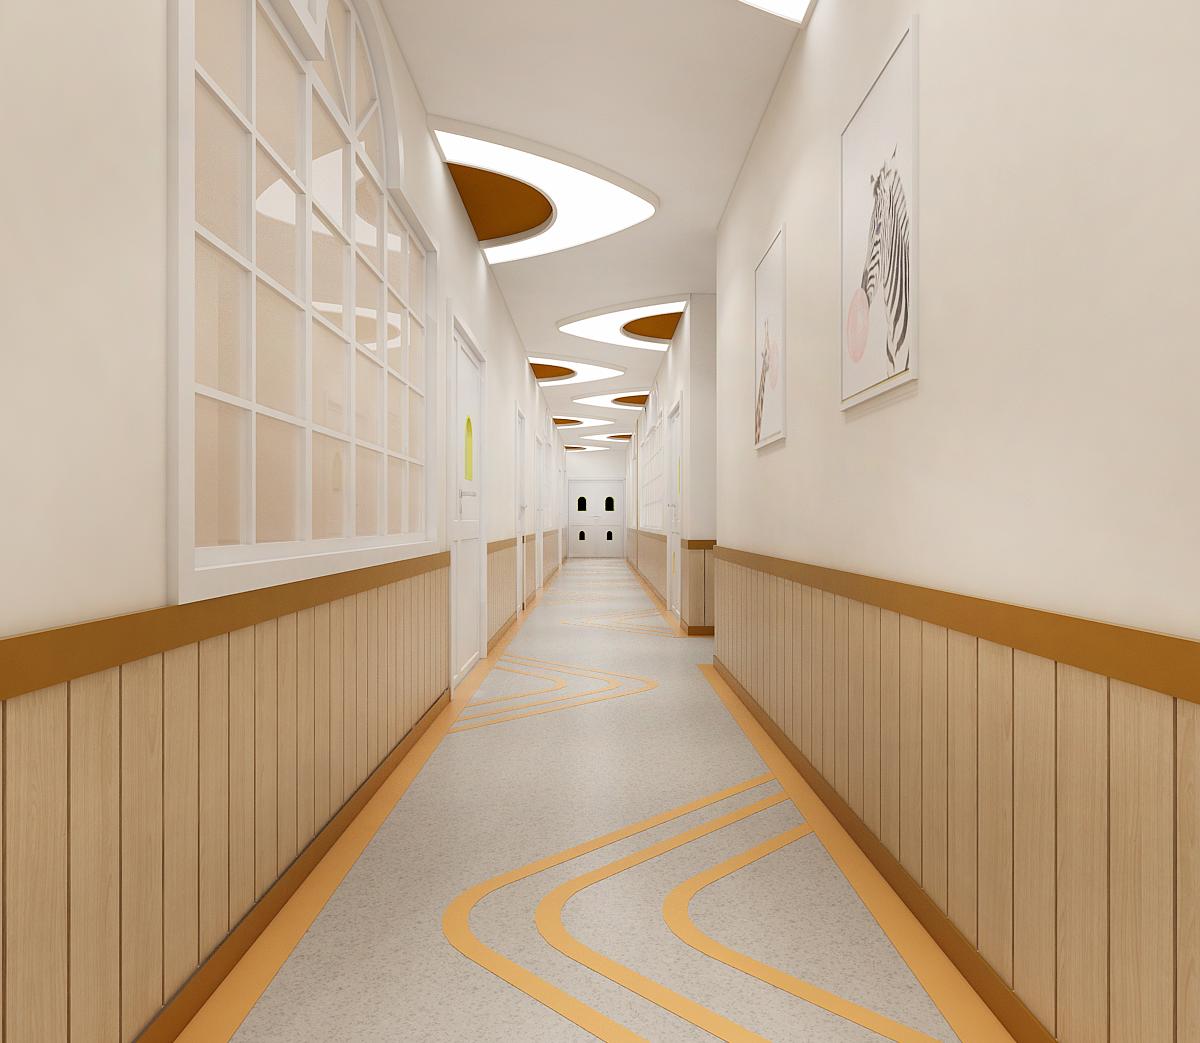 公装设计室内设计 教育机构设计 空间室内设计 图书室空间设计